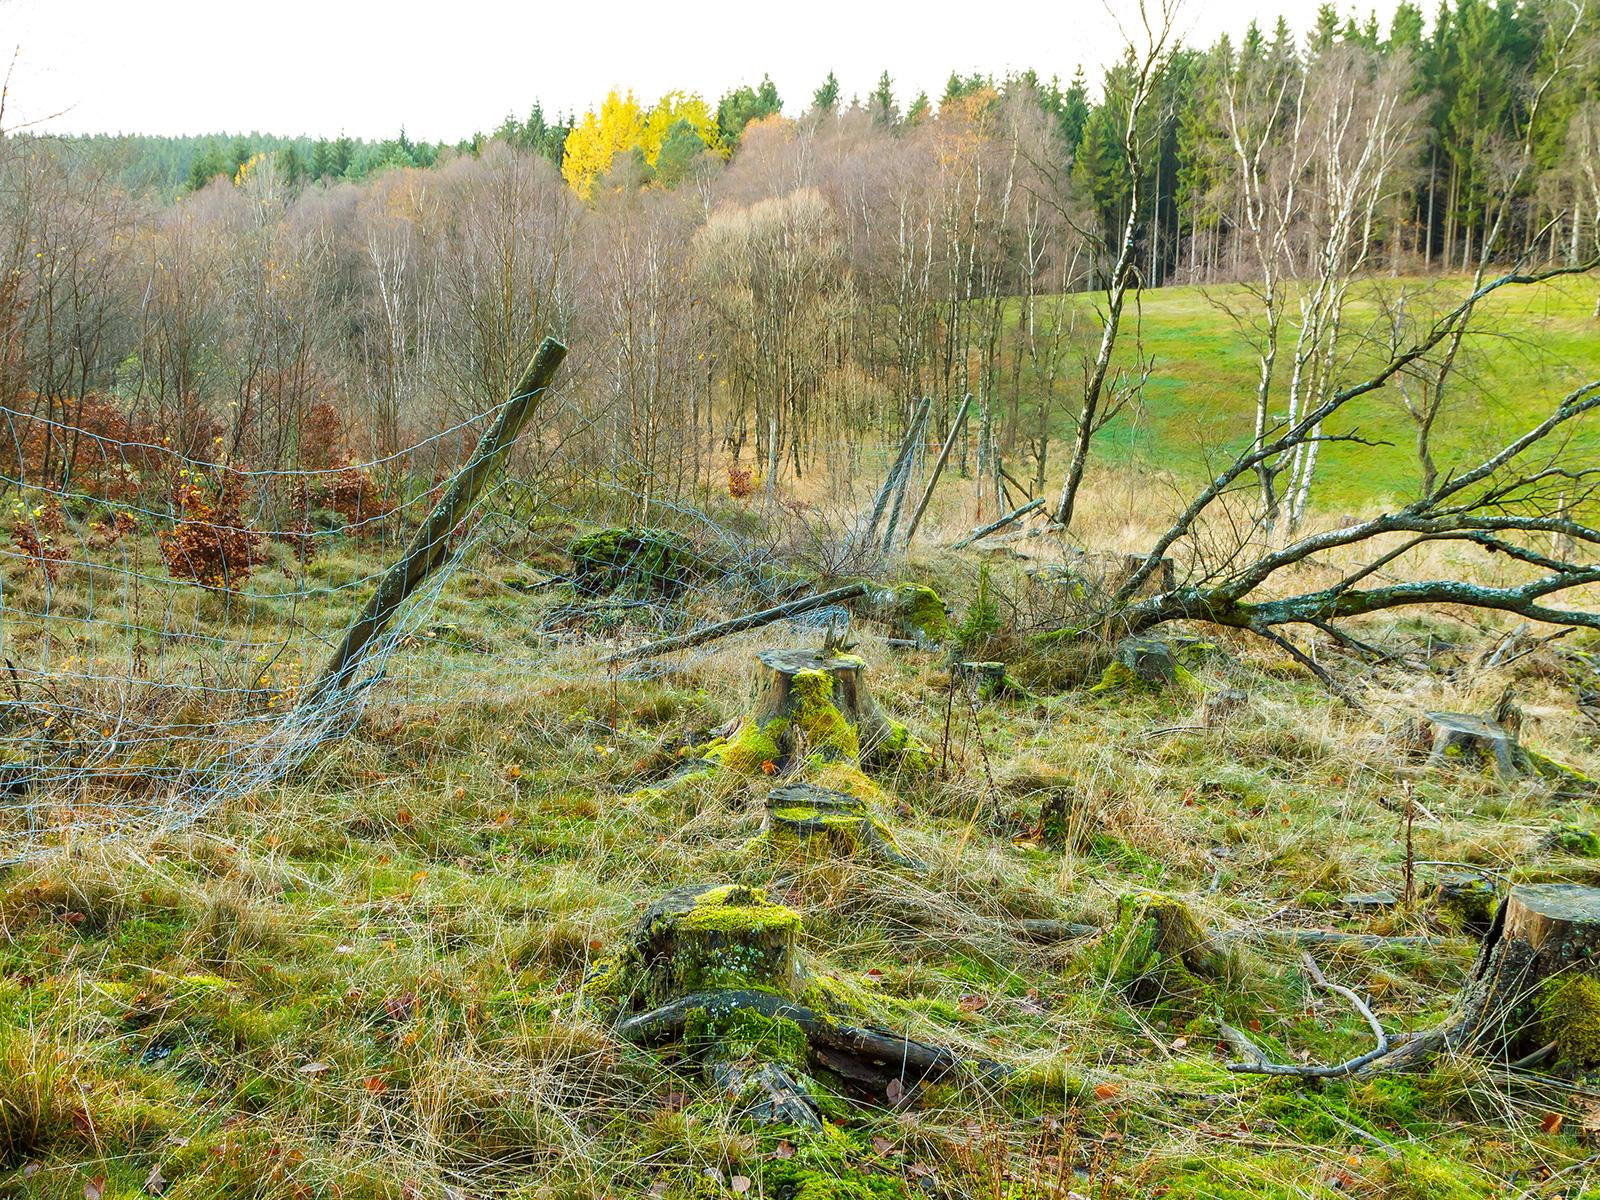 zerstörter Wildschutzzaun